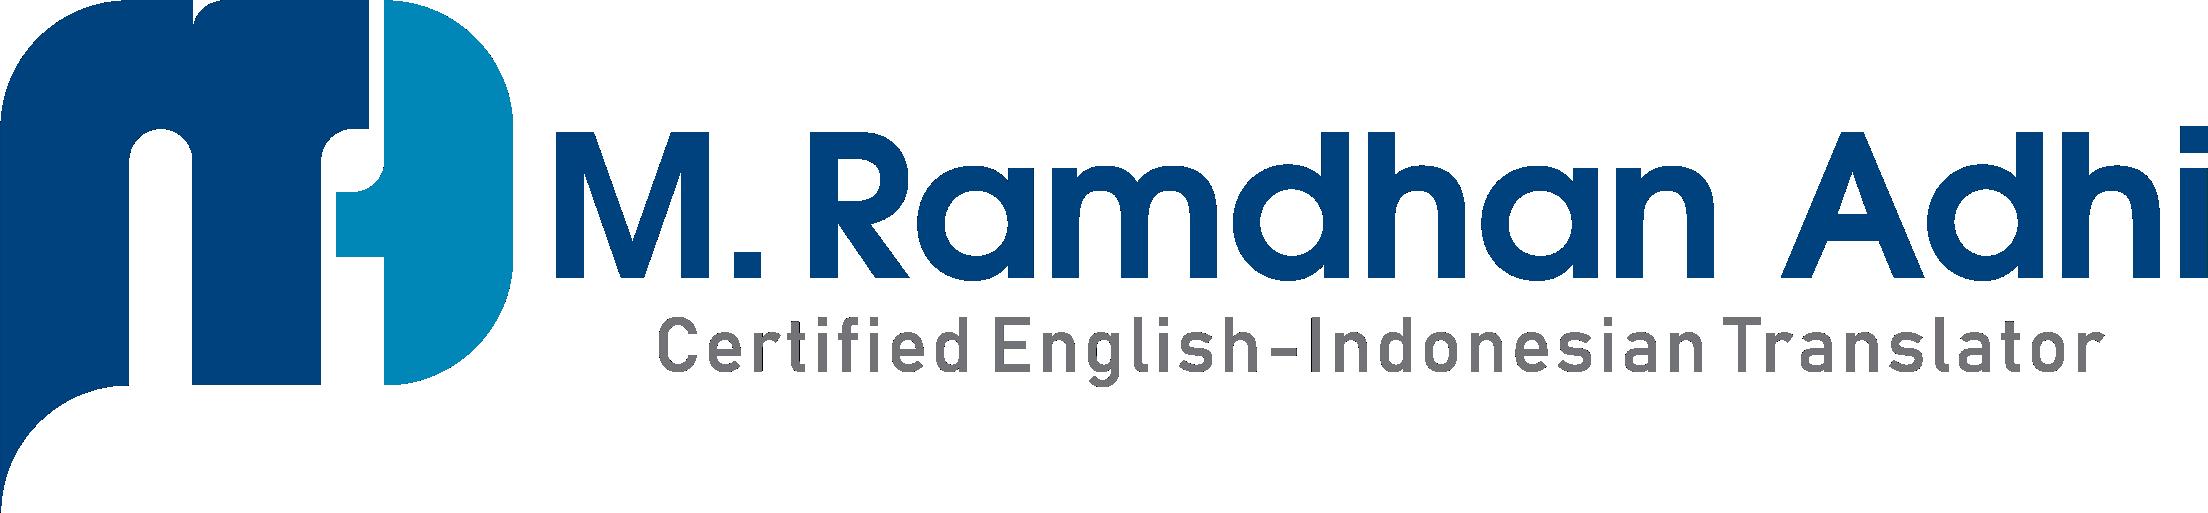 M. Ramdhan Adhi